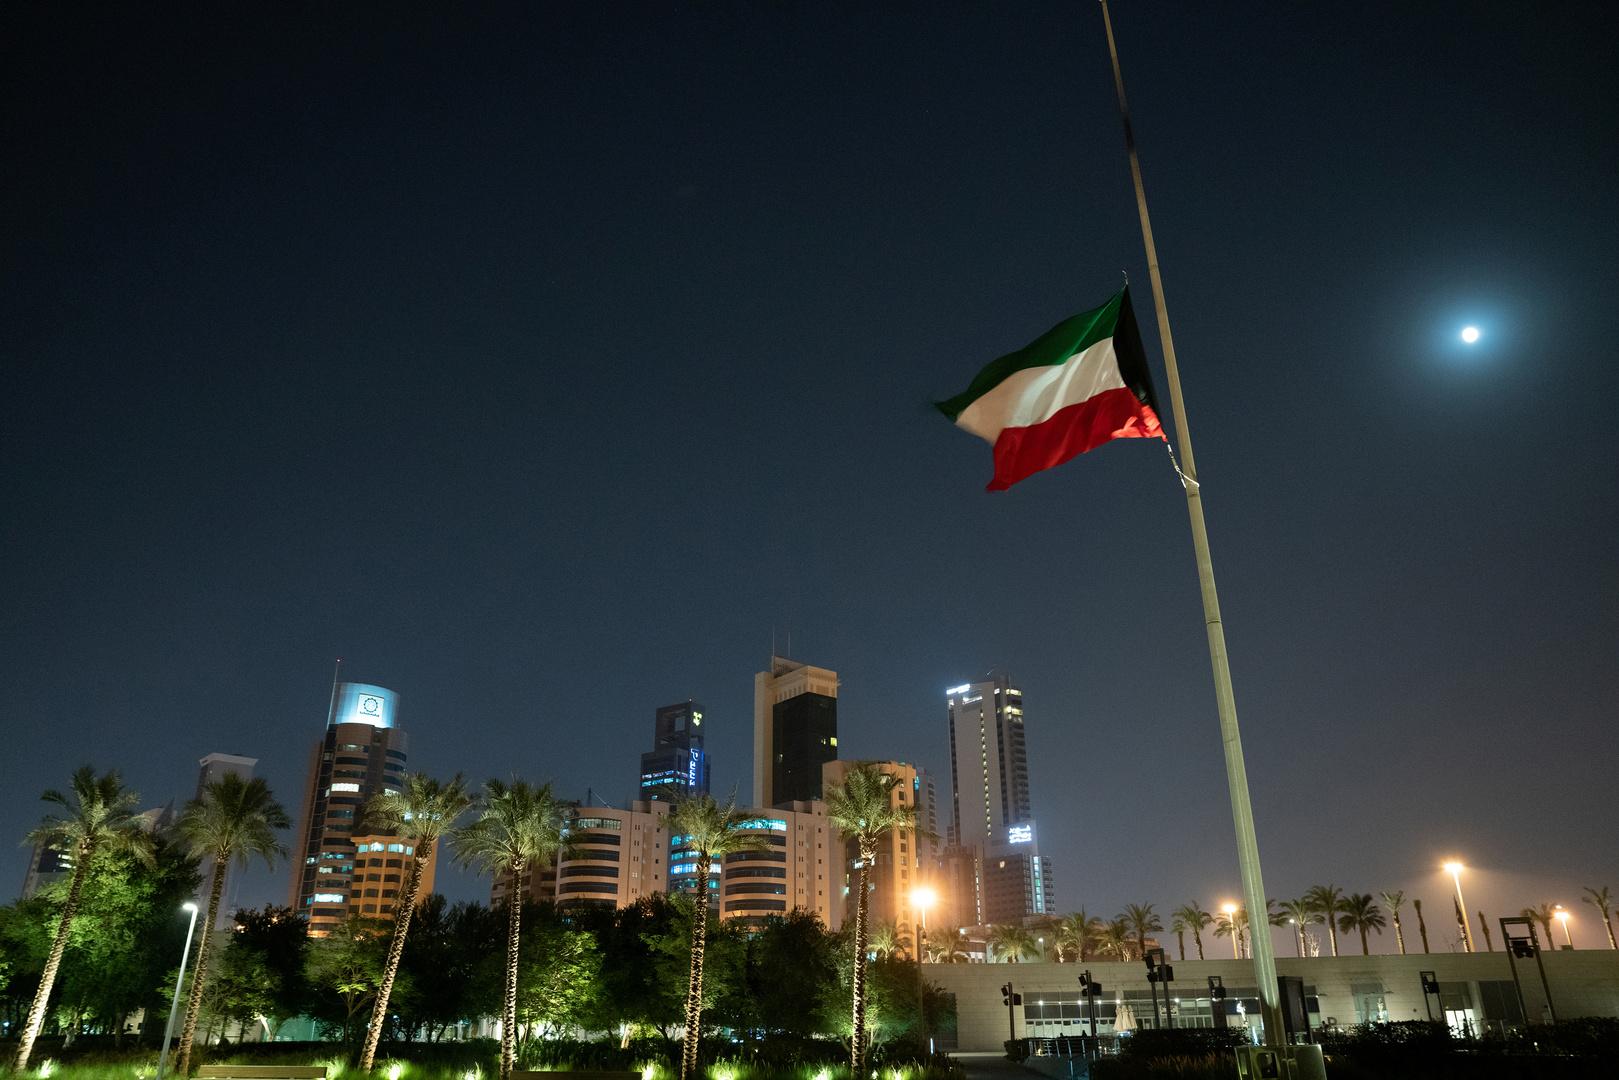 الكويت تعلن استئناف رحلات الطيران اعتبارا من 2 يناير